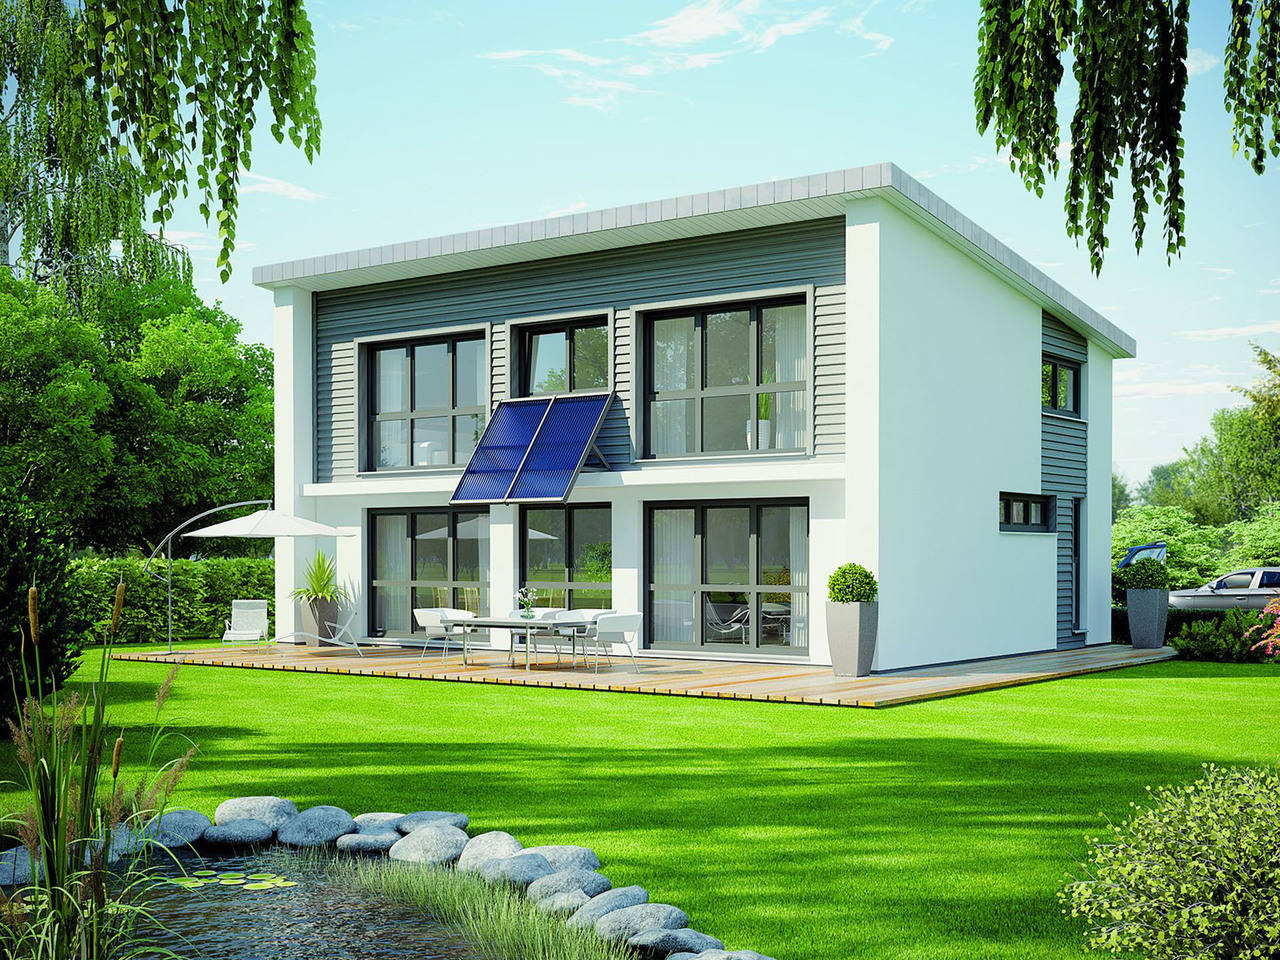 Haus Energy 142 von Öko-domo